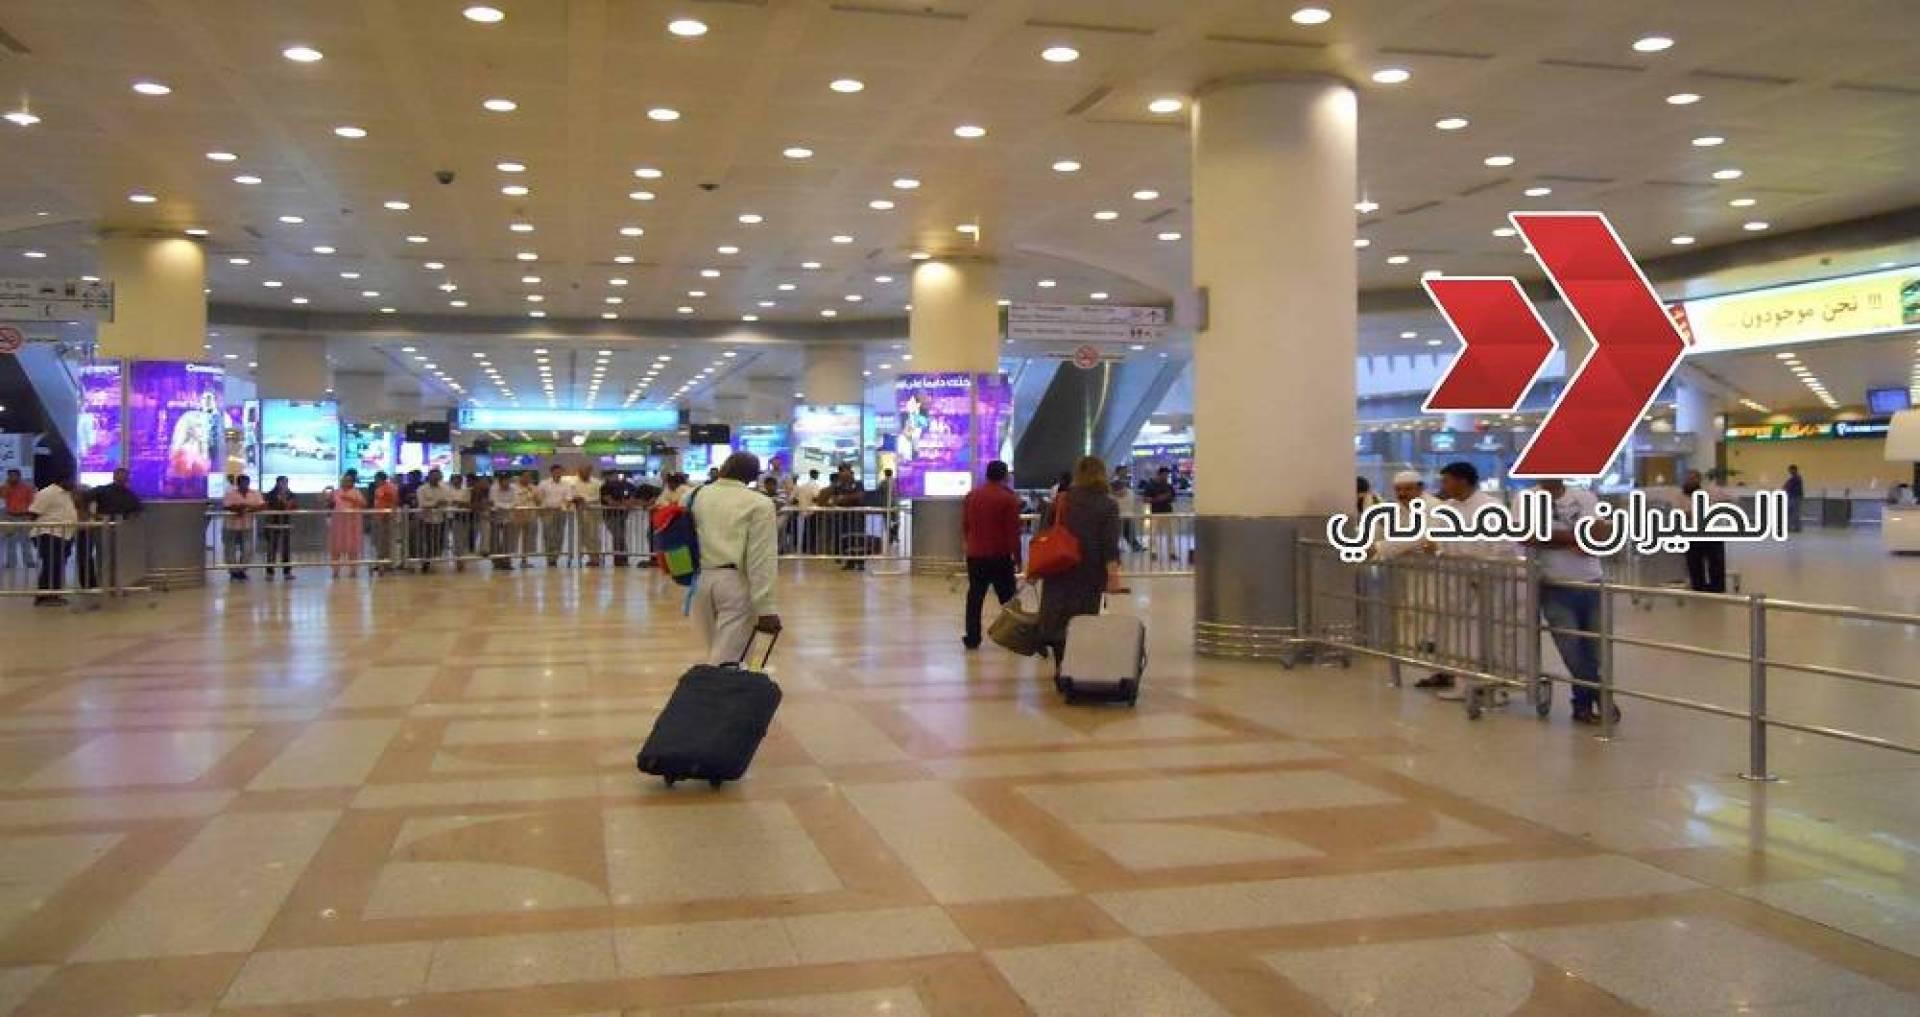 «الطيران المدني»: السماح بدخول الخبراء الأجانب والفنيين إلى البلاد.. جاء بناء على طلب الجهات الحكومية